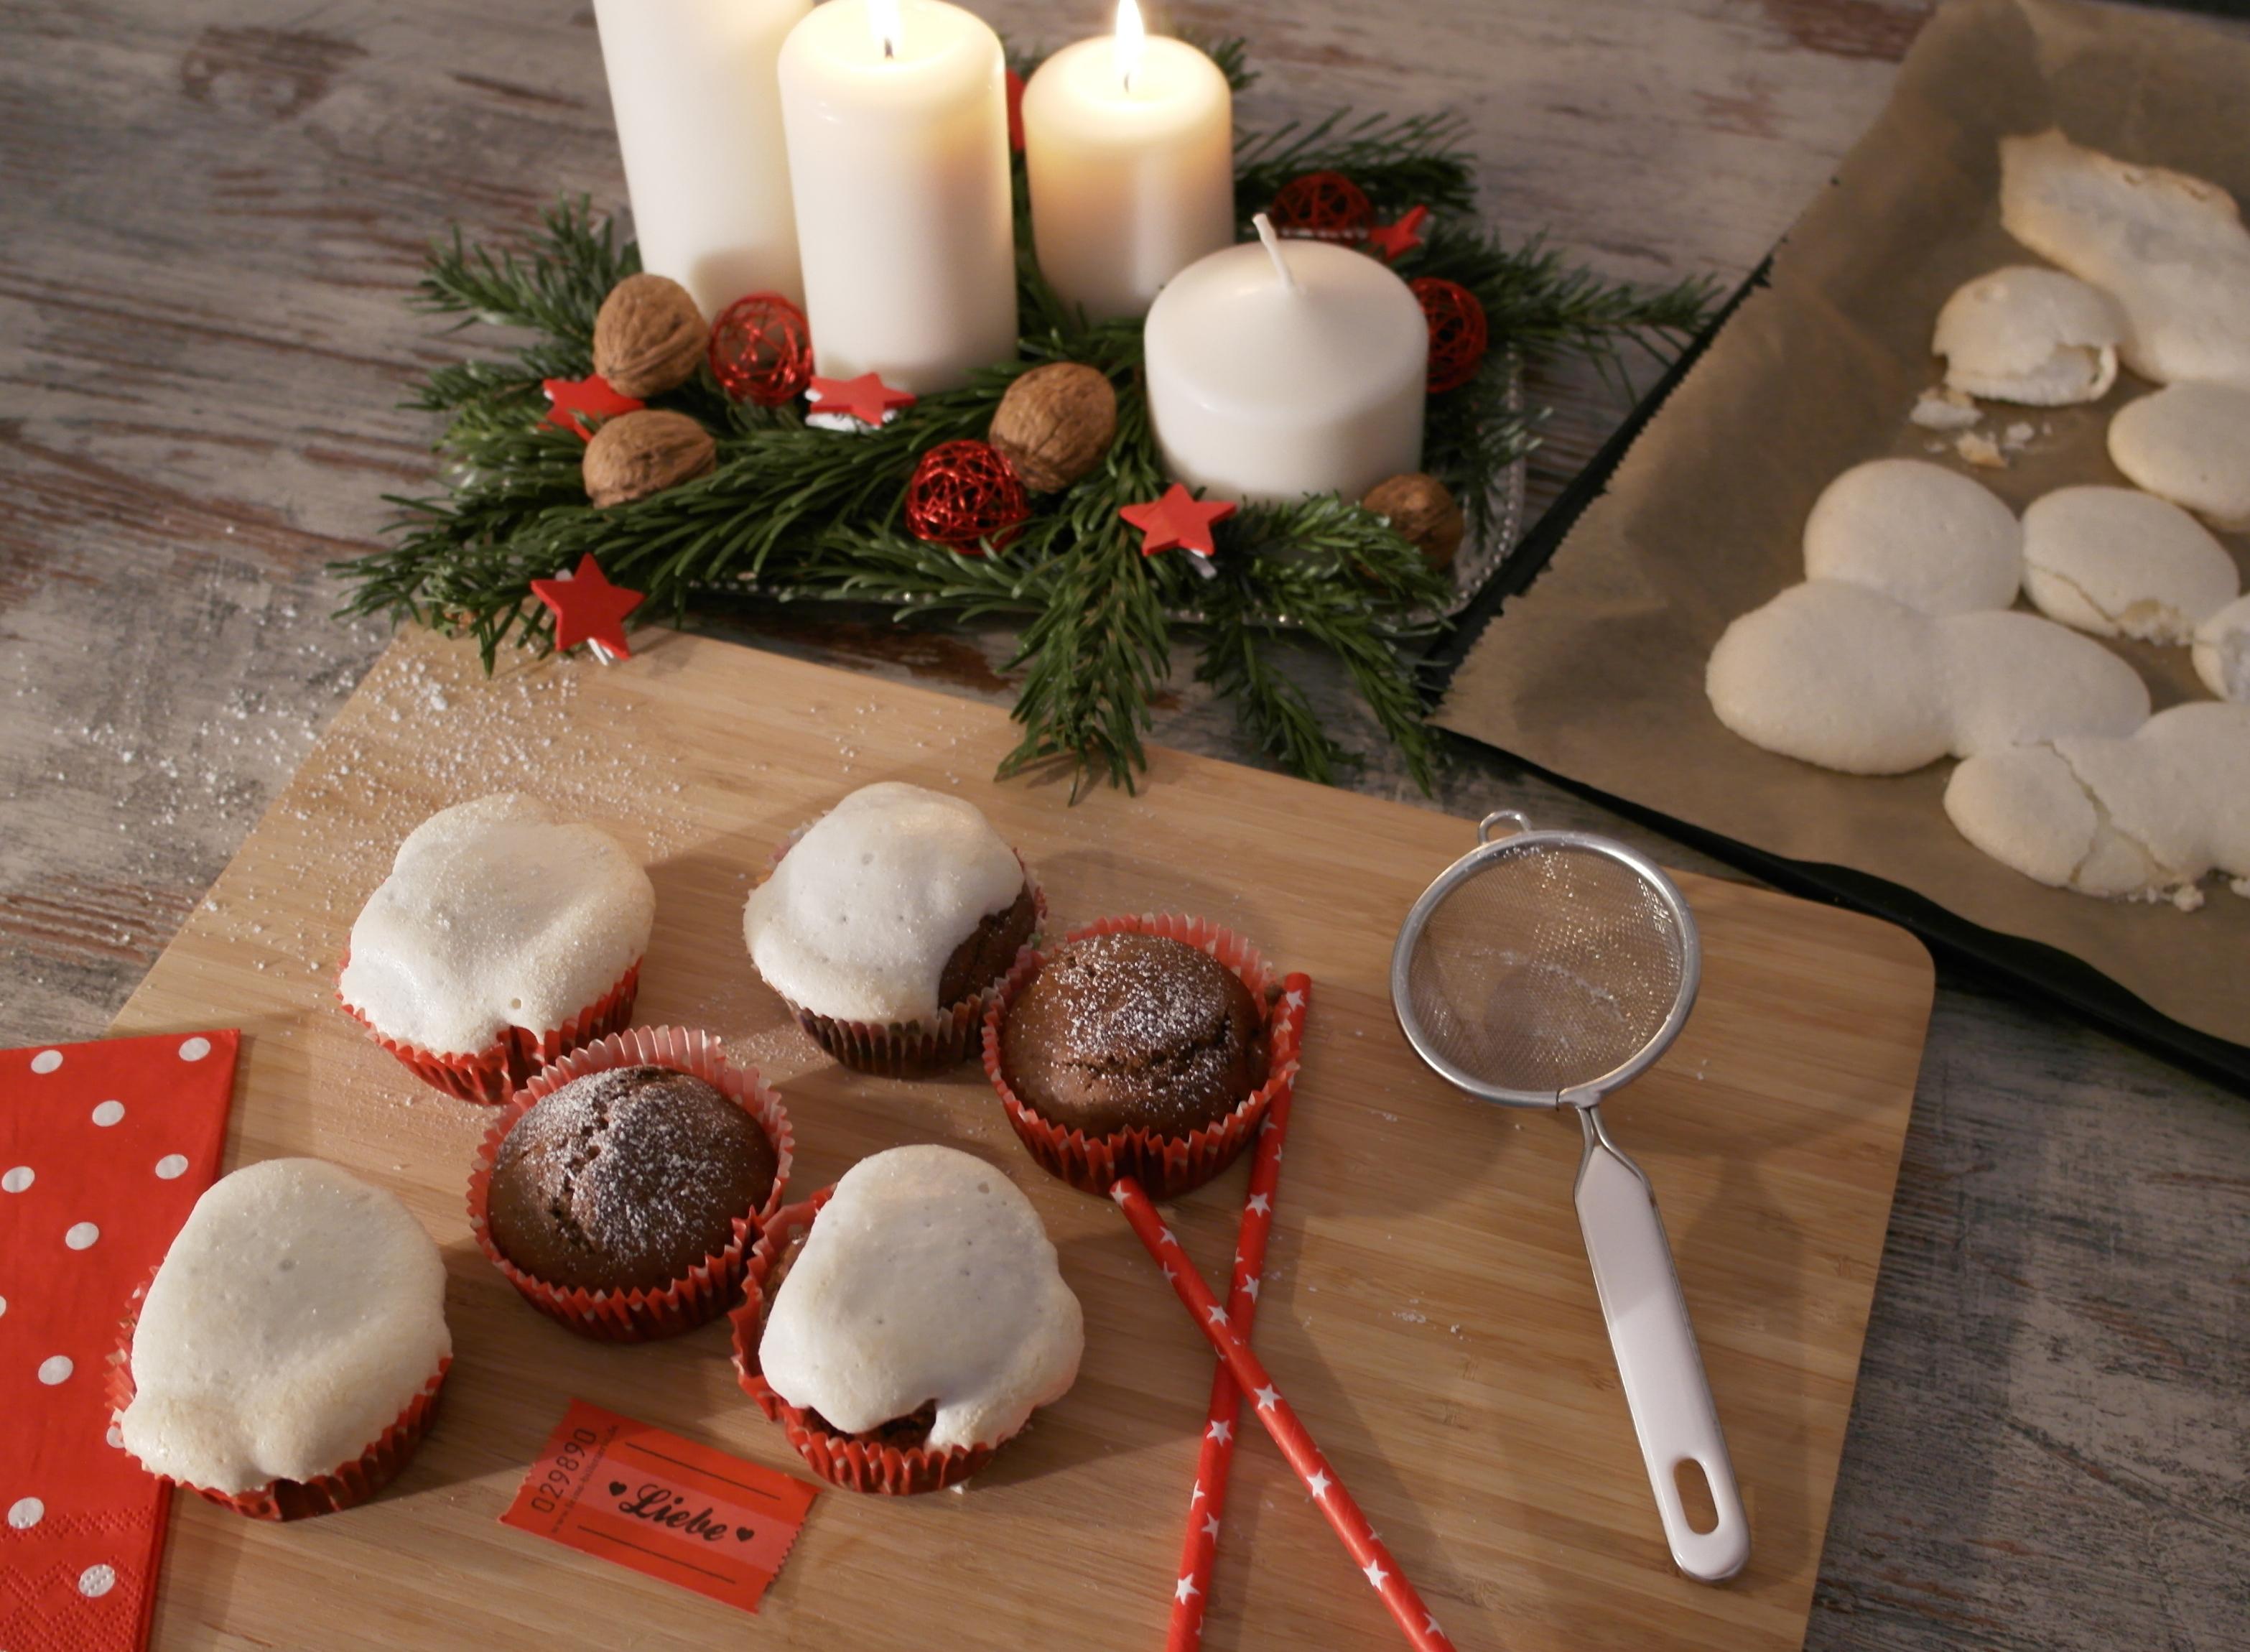 lebkuchen-muffins mit baiser-häubchen | gingerbread muffins with meringue headcap (vegan) ❤